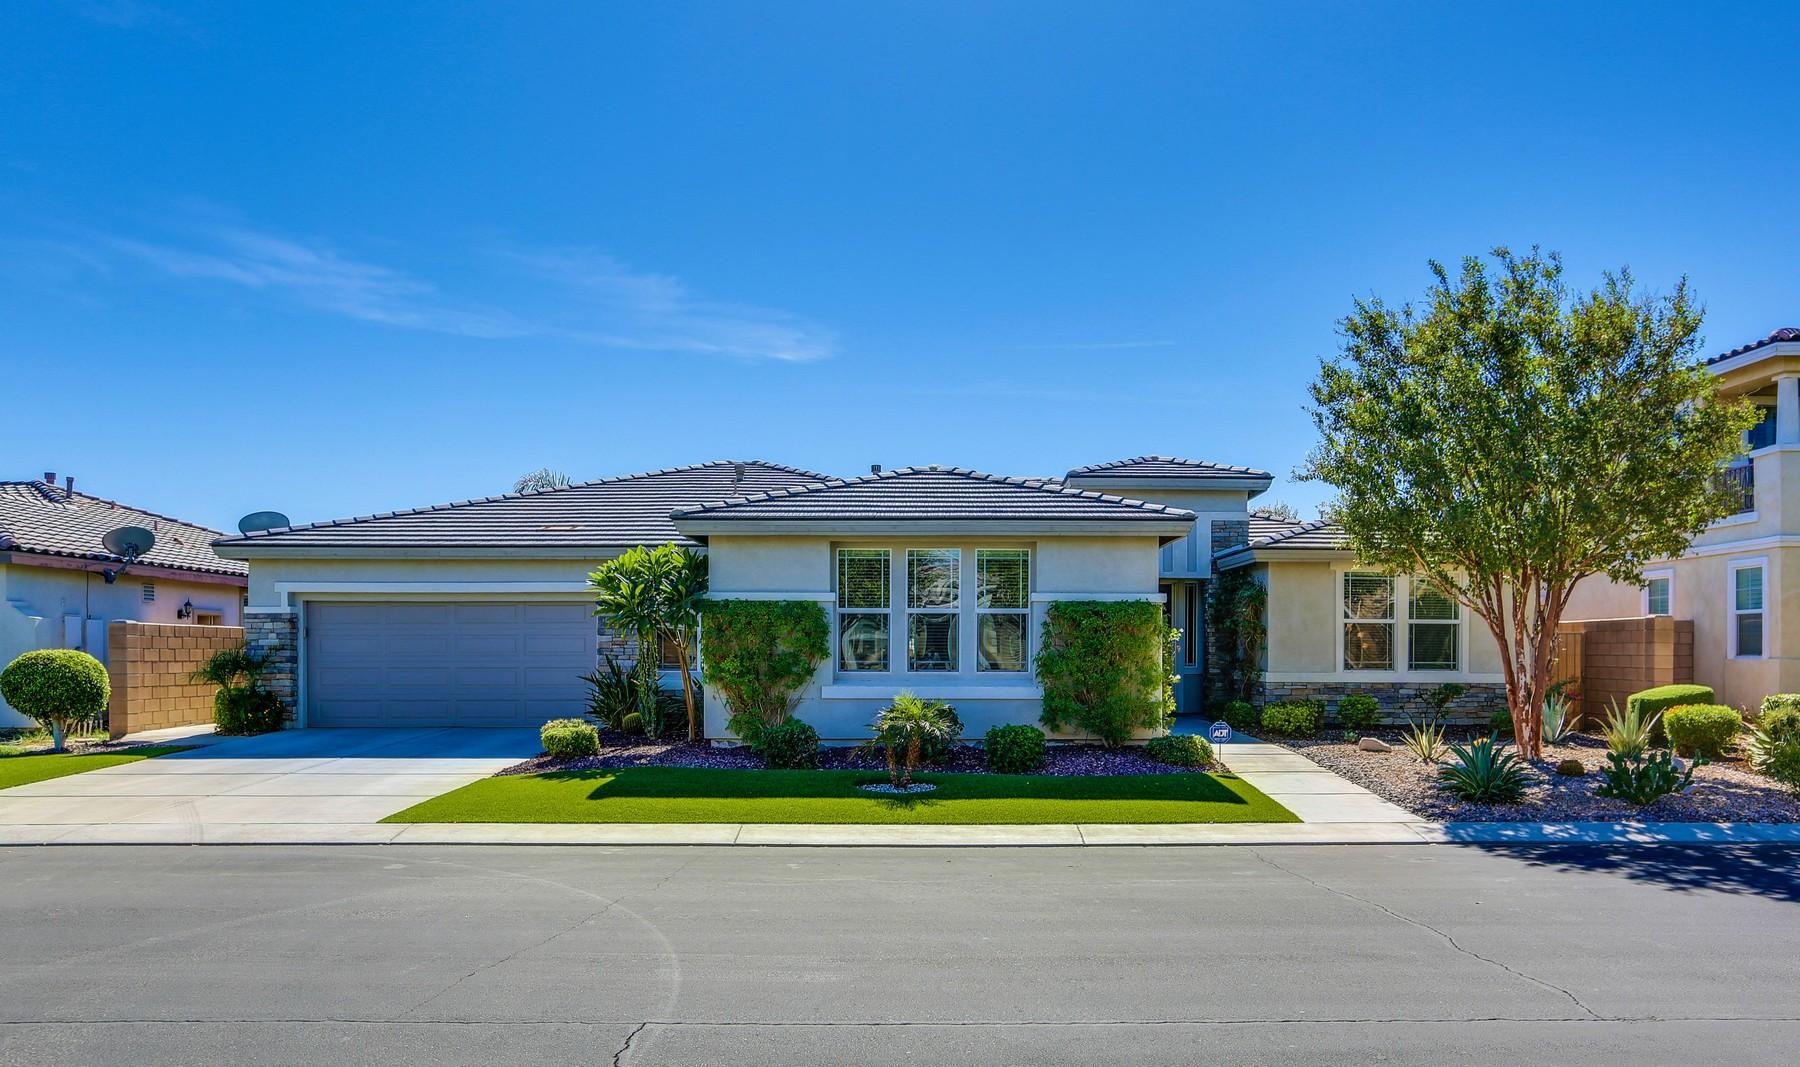 Частный односемейный дом для того Продажа на 83313 Lone Star Road Indio, Калифорния 92203 Соединенные Штаты